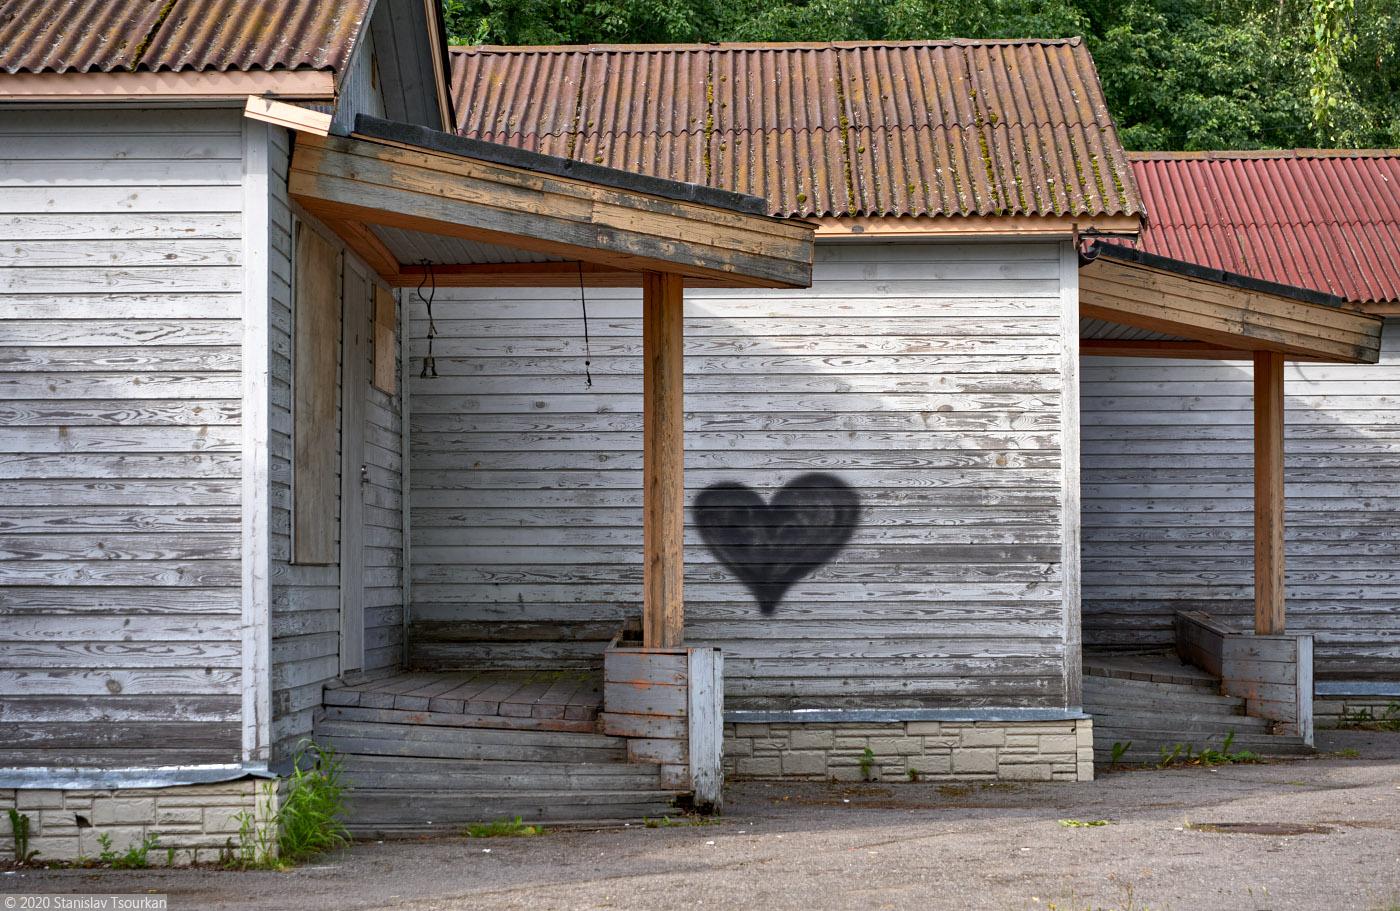 Лахденпохья, Карелия, республика Карелия, Набережная улица, любовь